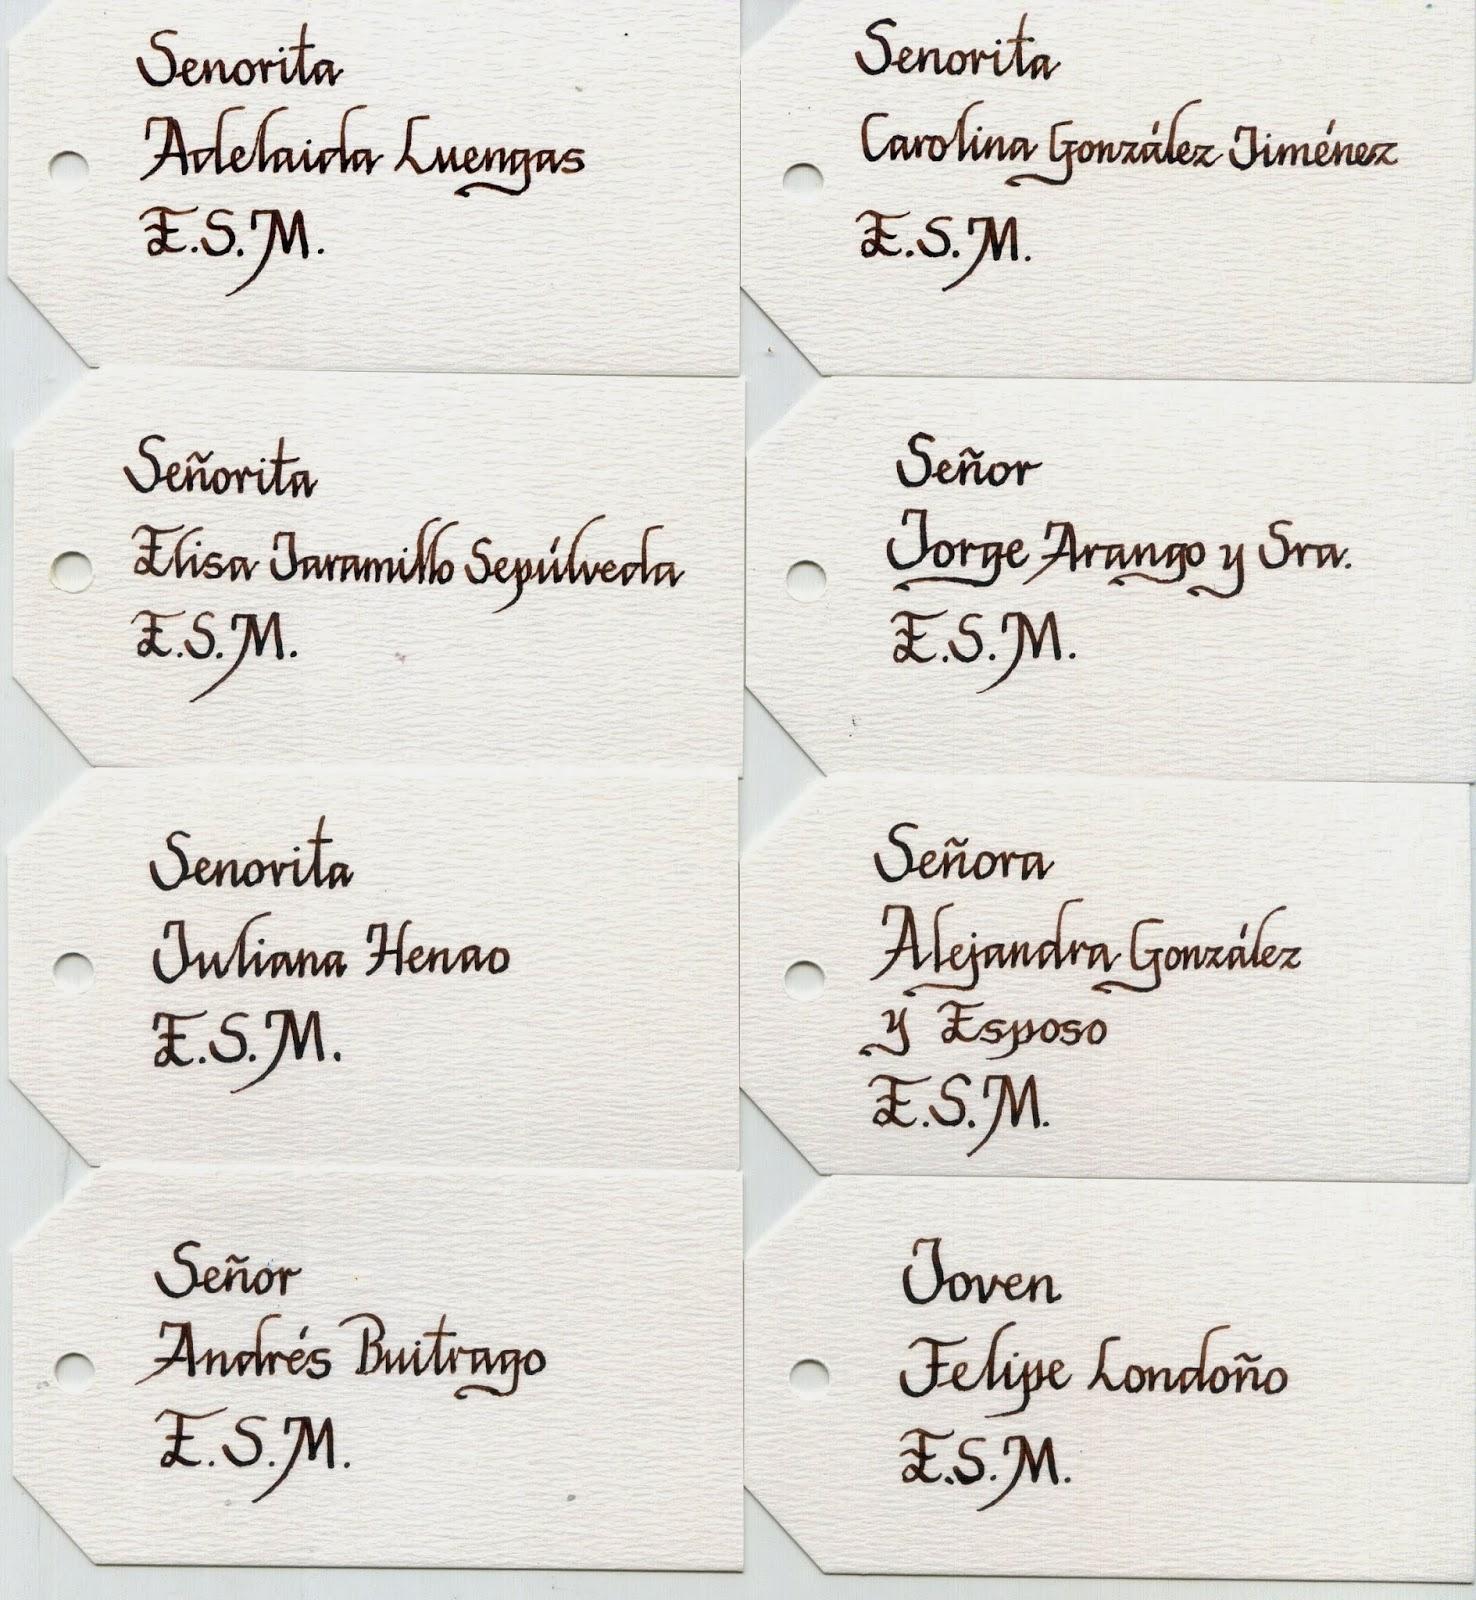 tarjetas marcadas con caligrafa para una boda